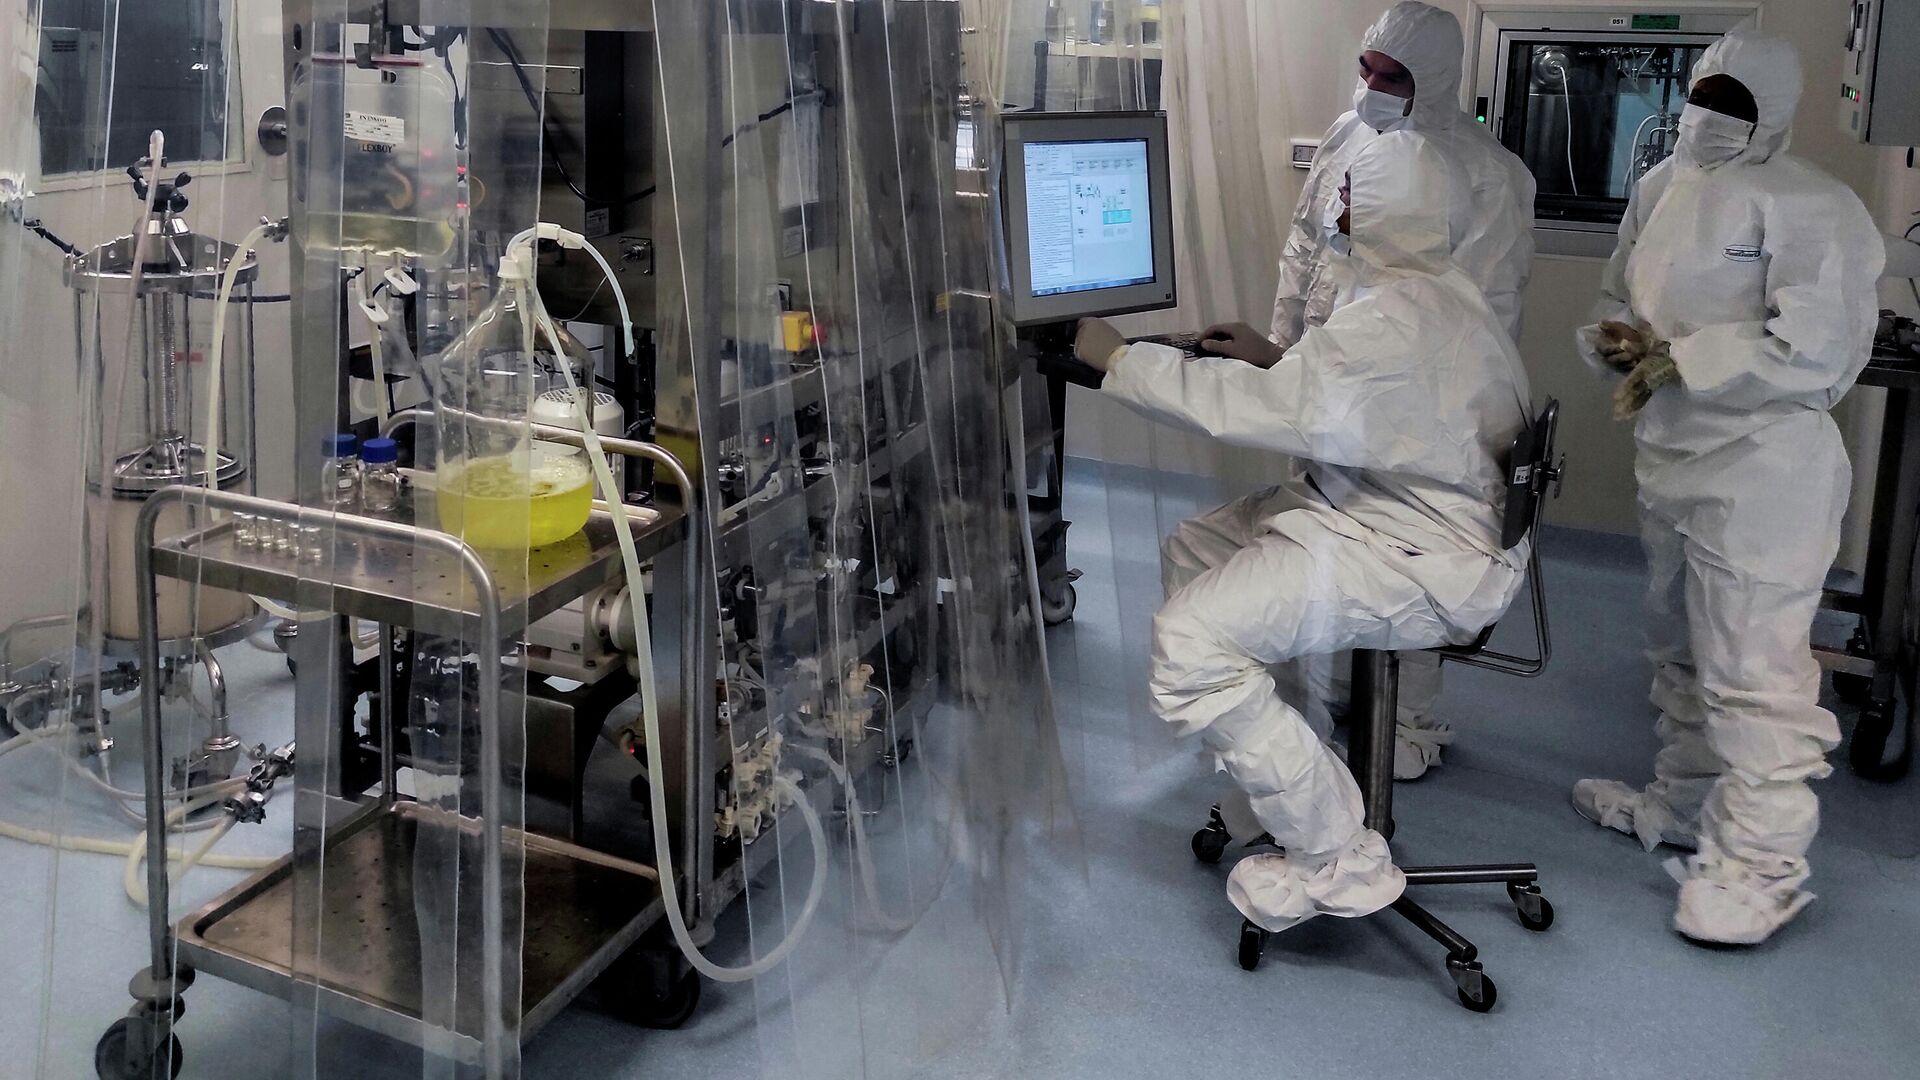 Ученые работают в биолаборатории - Sputnik Грузия, 1920, 06.09.2021